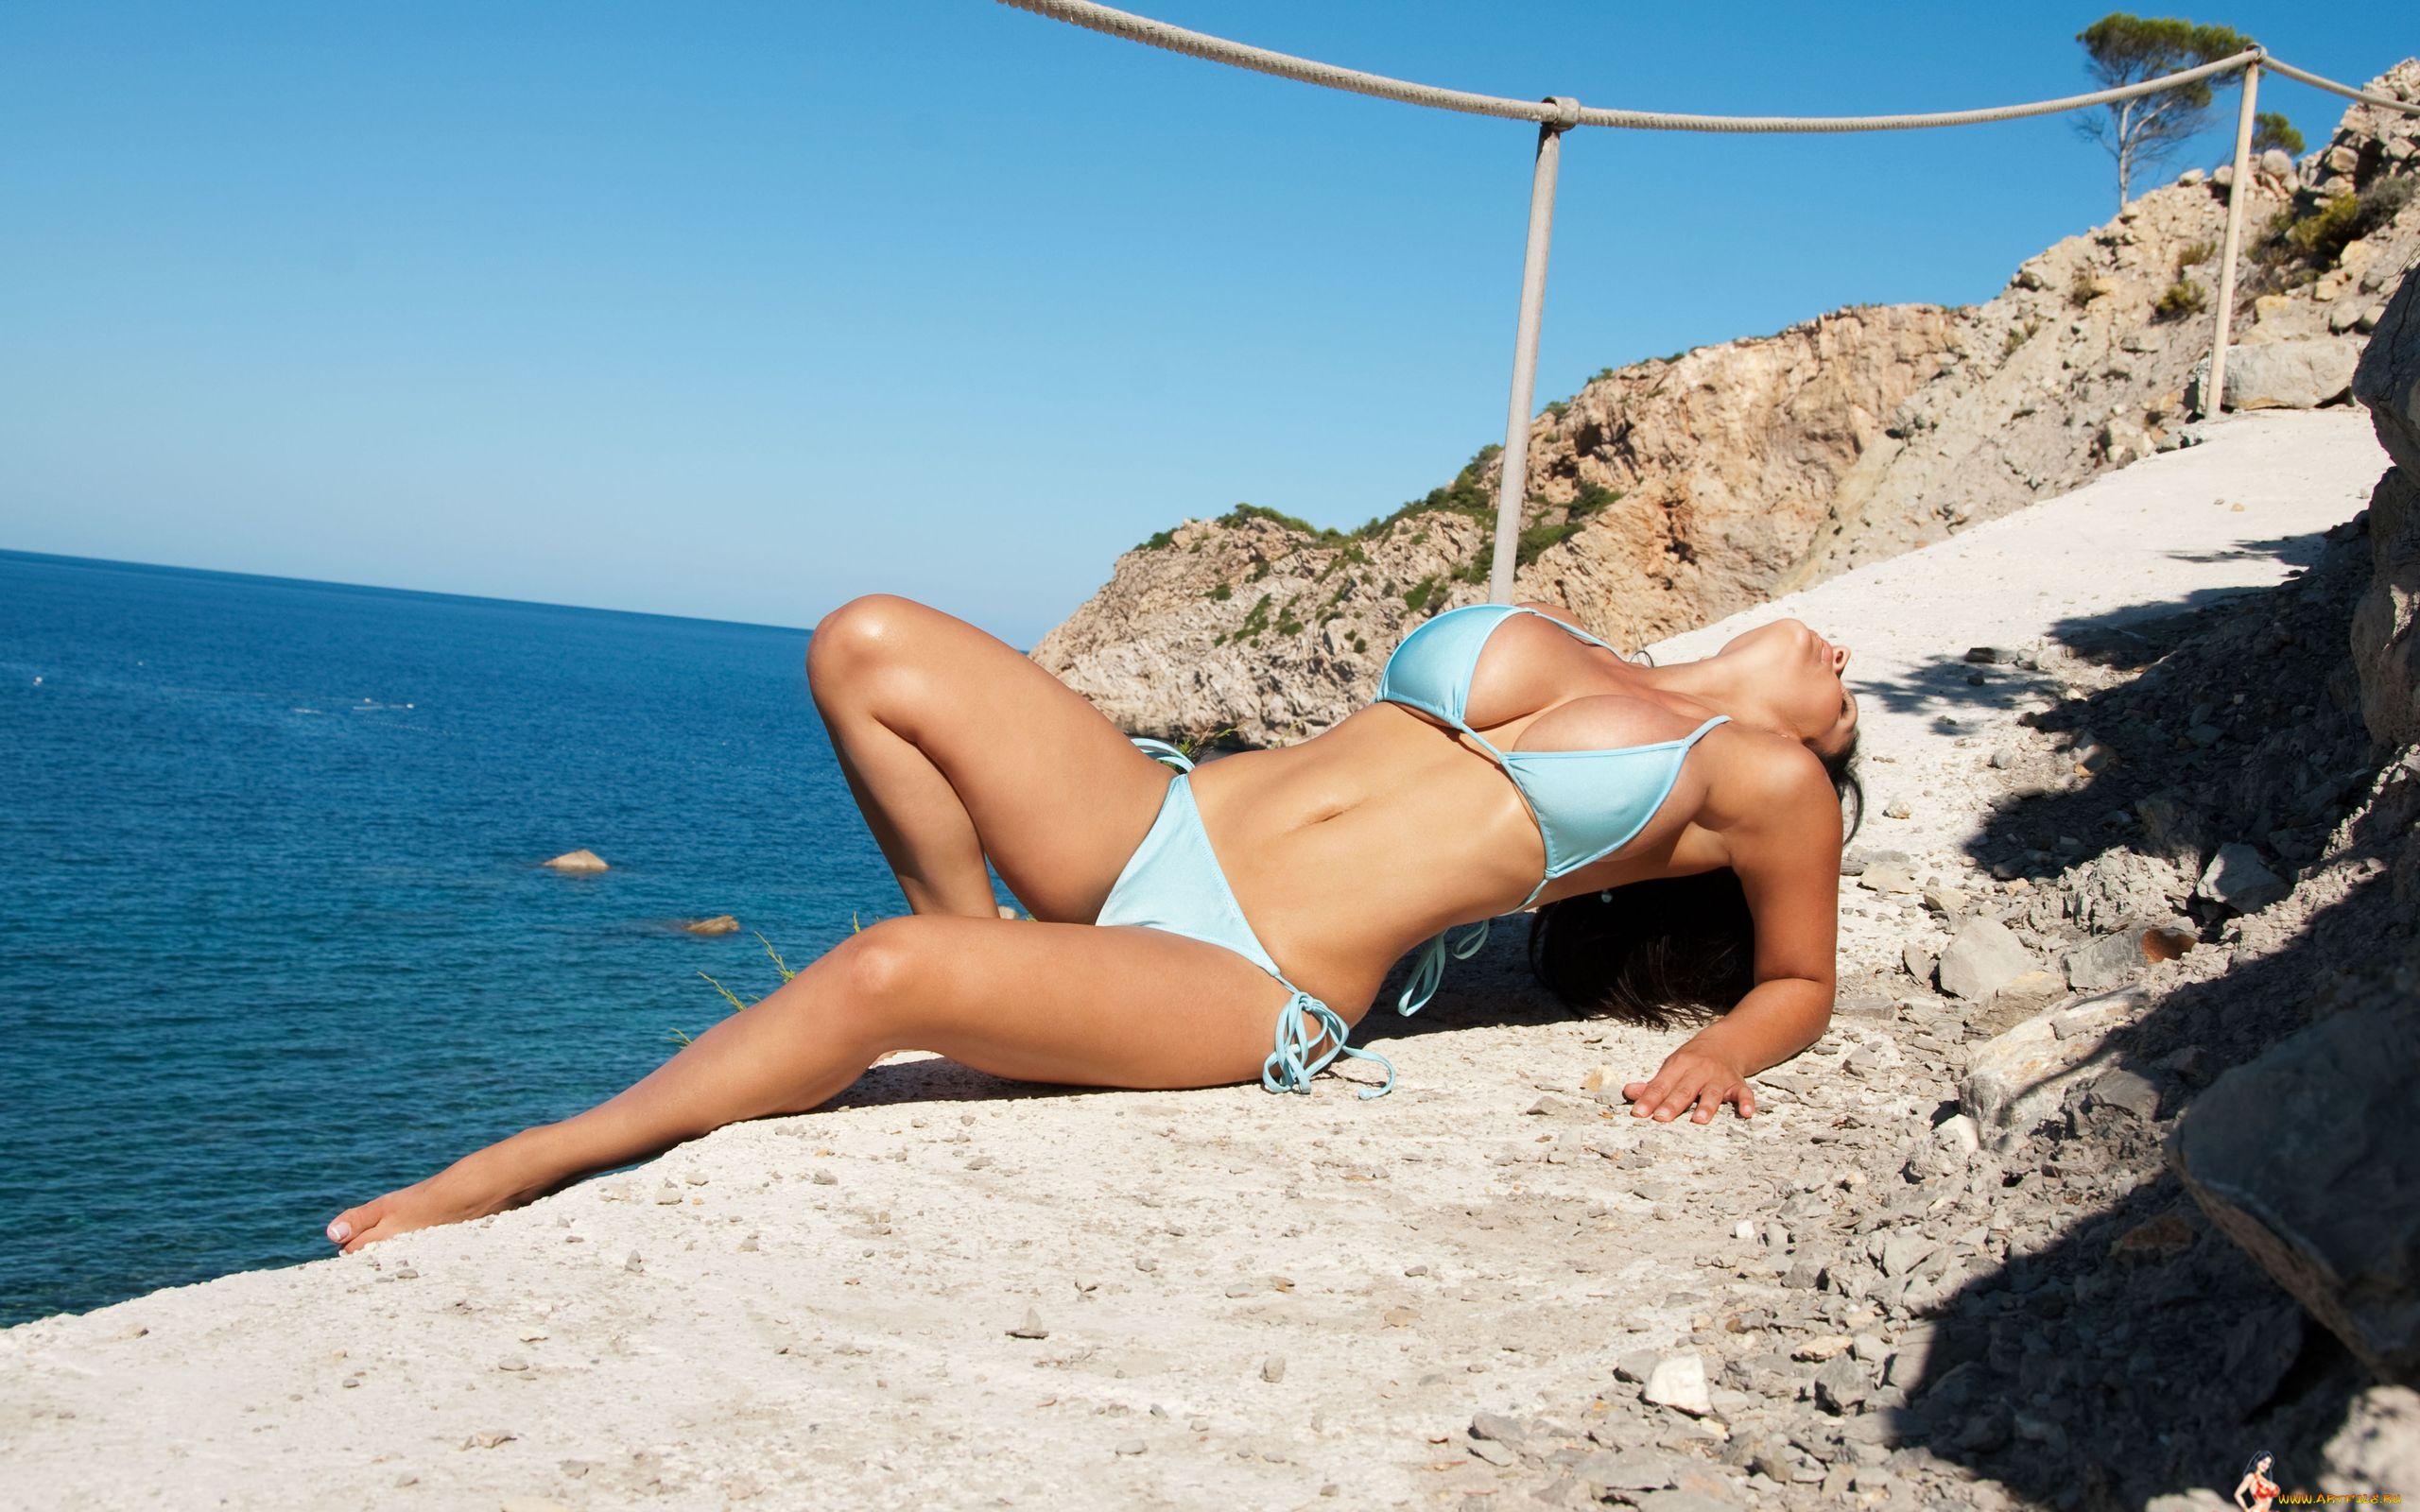 девушки на море частные фотографии - 10